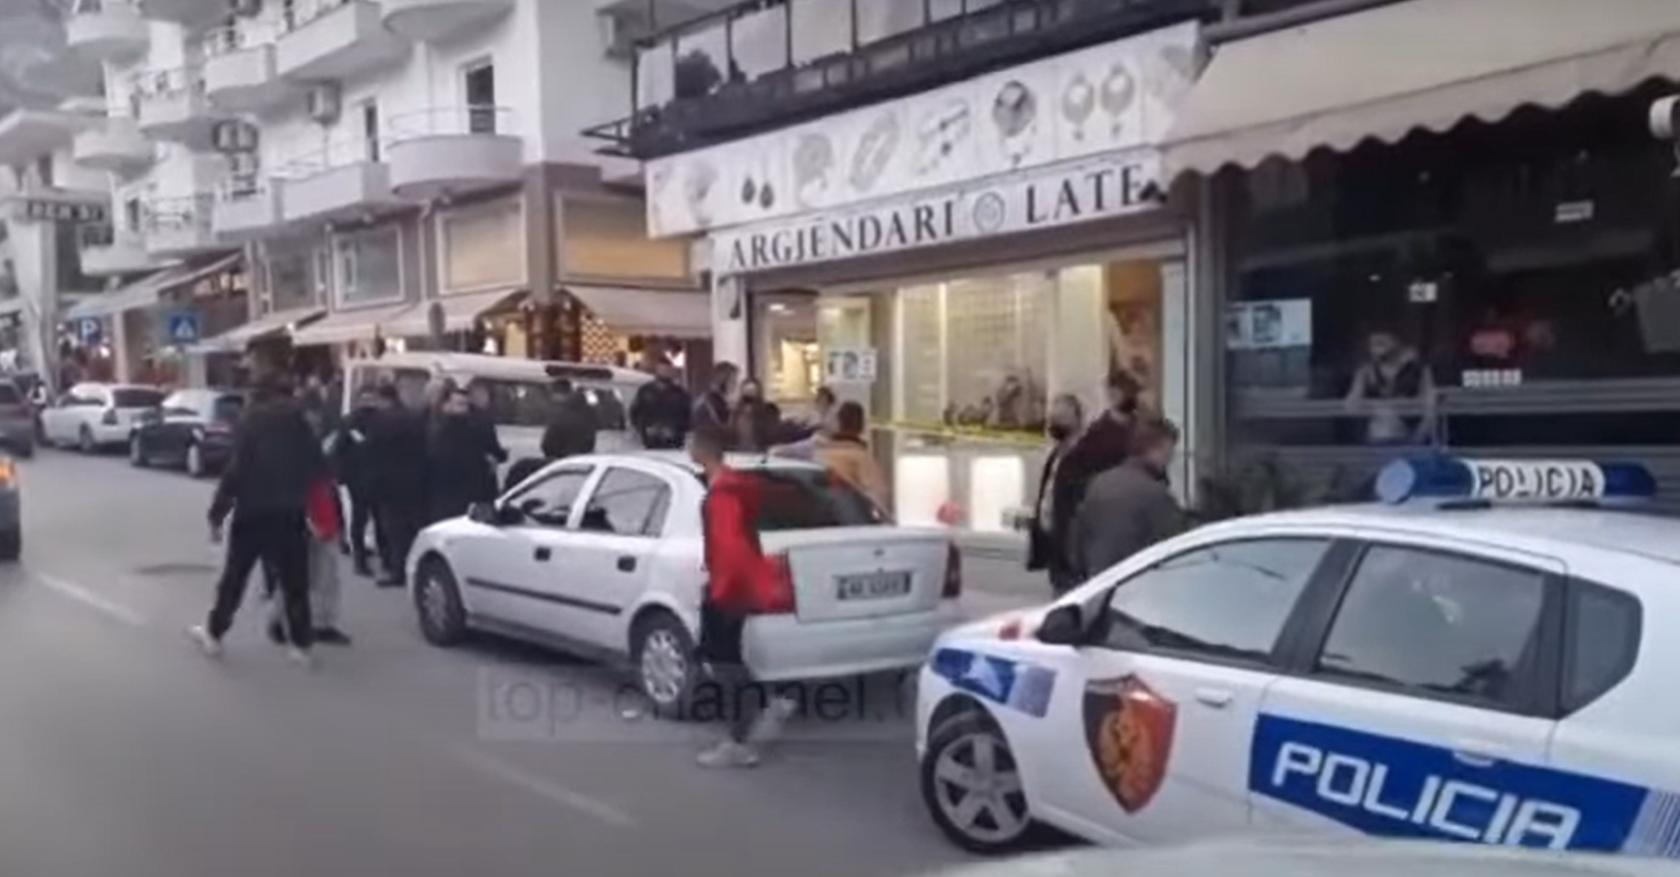 Ngjarje e pazakonte/ Grabitet me arme argjendaria ne mes te 18-shtatorit, policia njofton